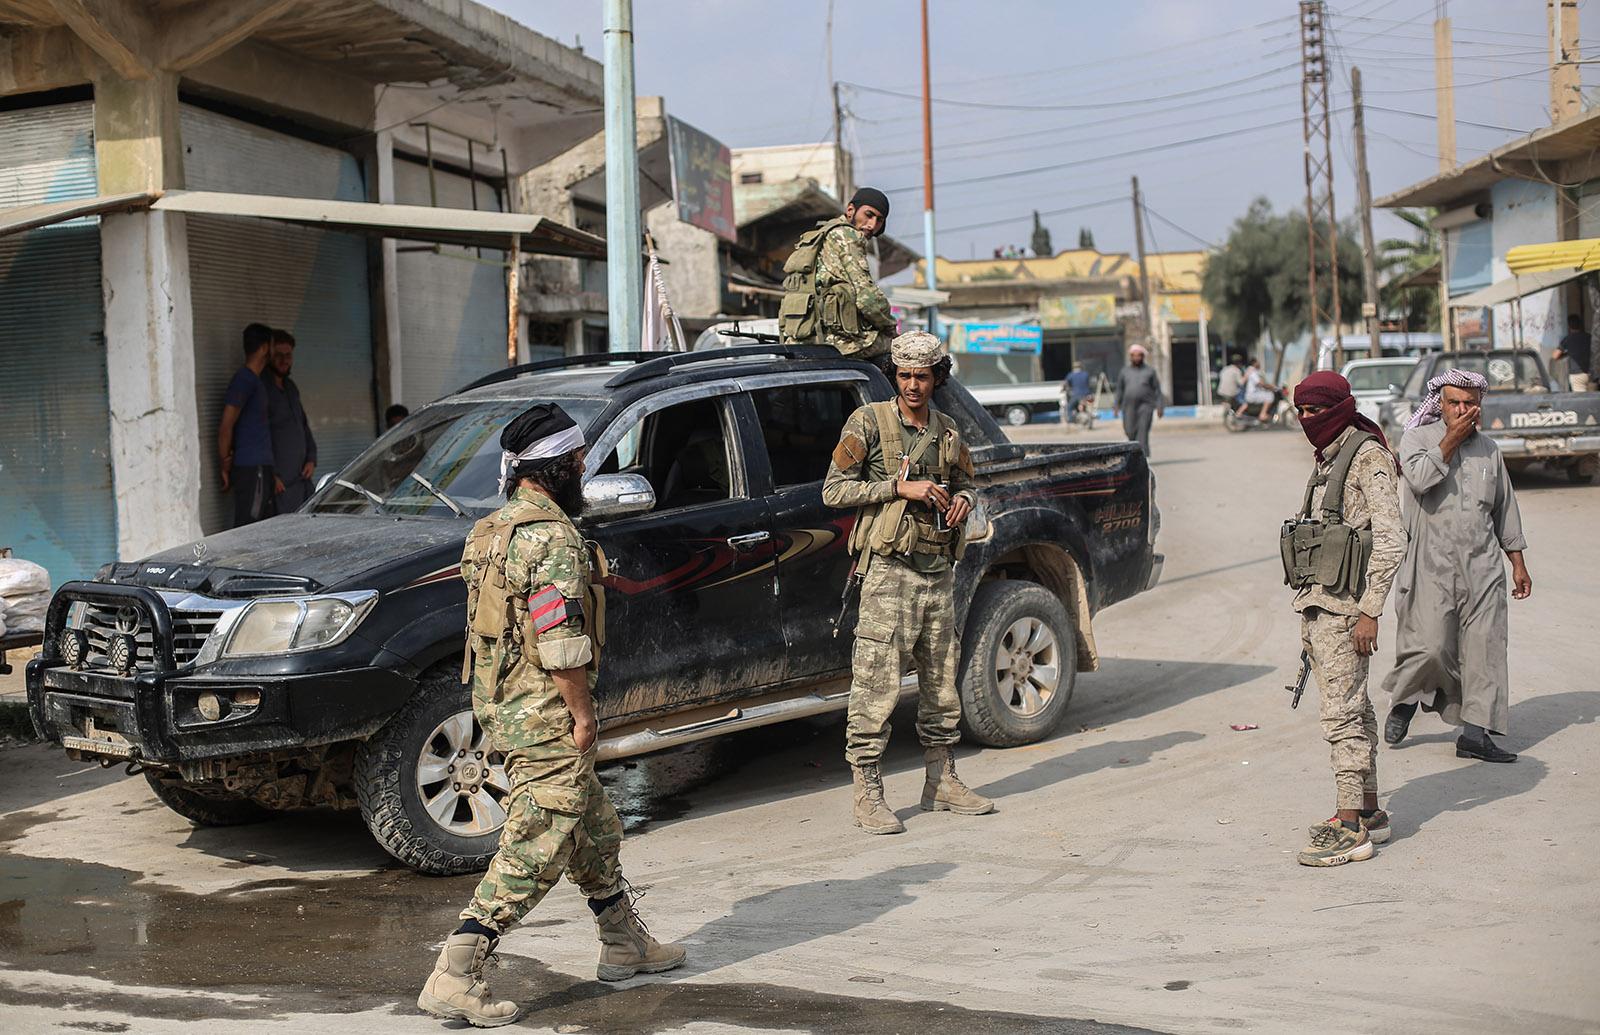 Miliziani sostenuti dalla Turchi a Tal Abyad, nella safe zone turca, 20/10/2019. Credits to: Anas Alkharboutli/via Getty Images.